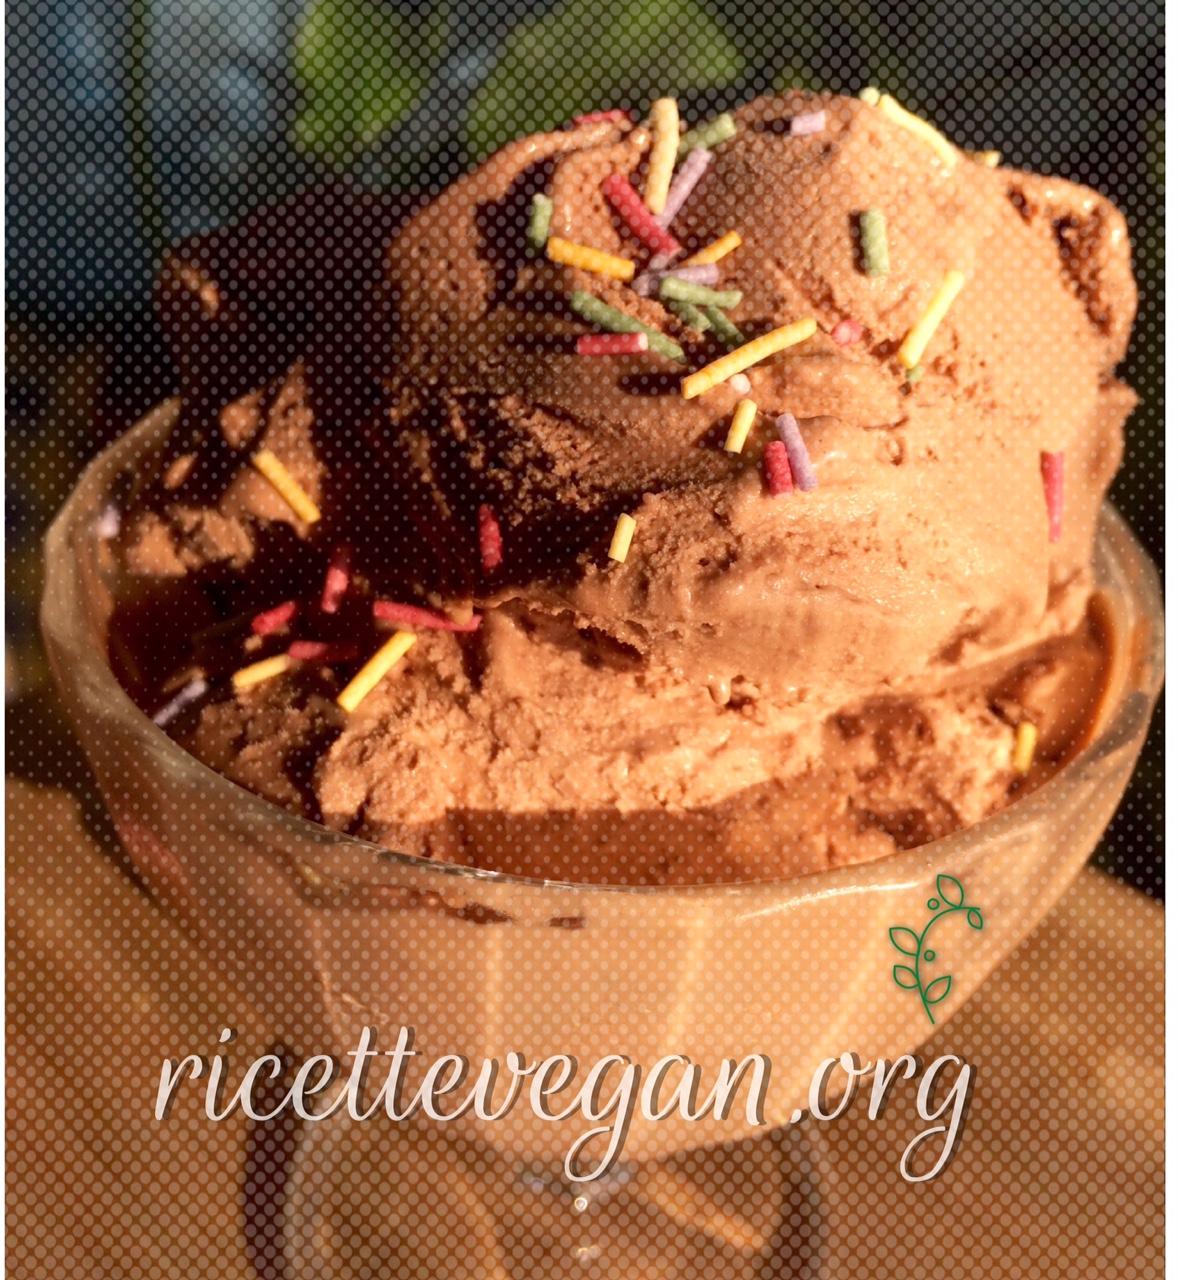 ricettevegan.org - gelato vegano